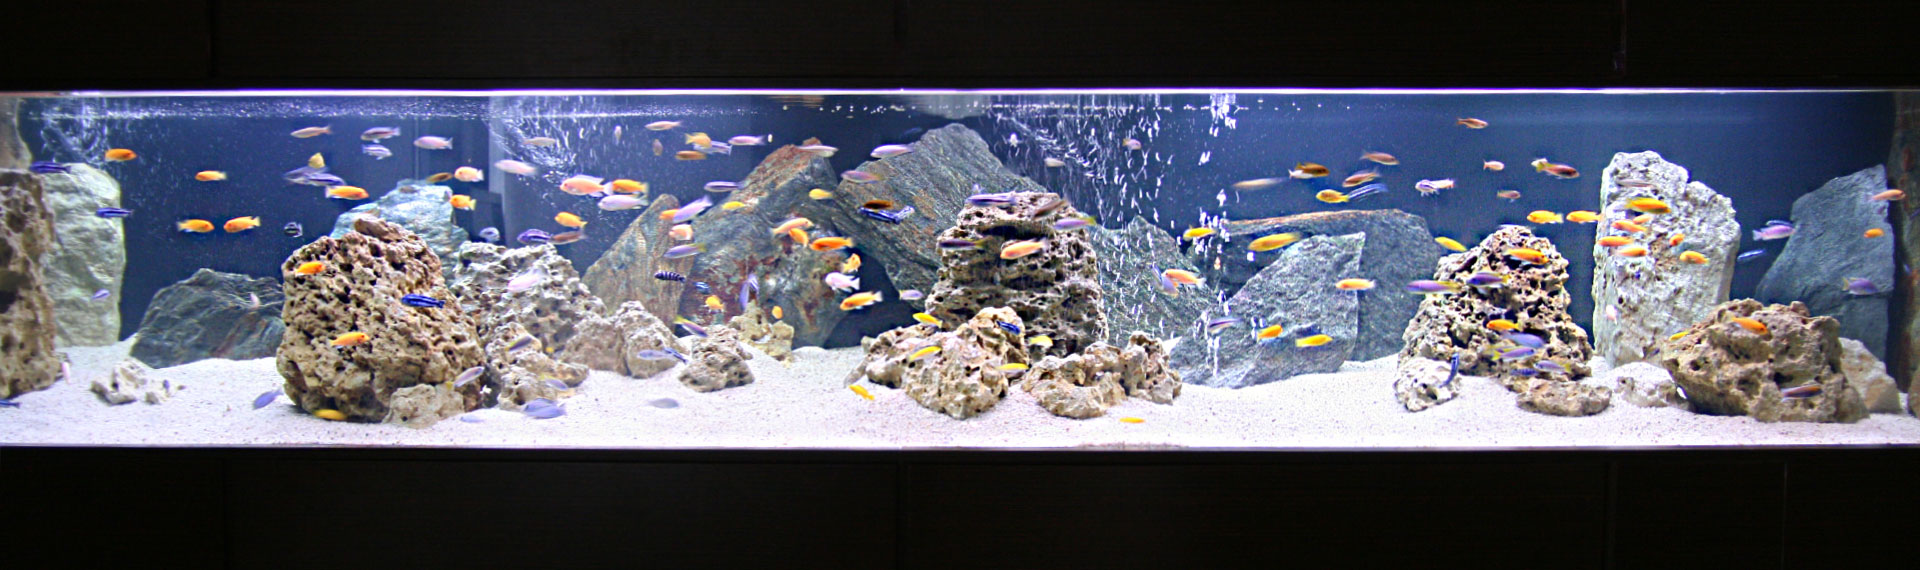 ZAKAQUA-akwaria